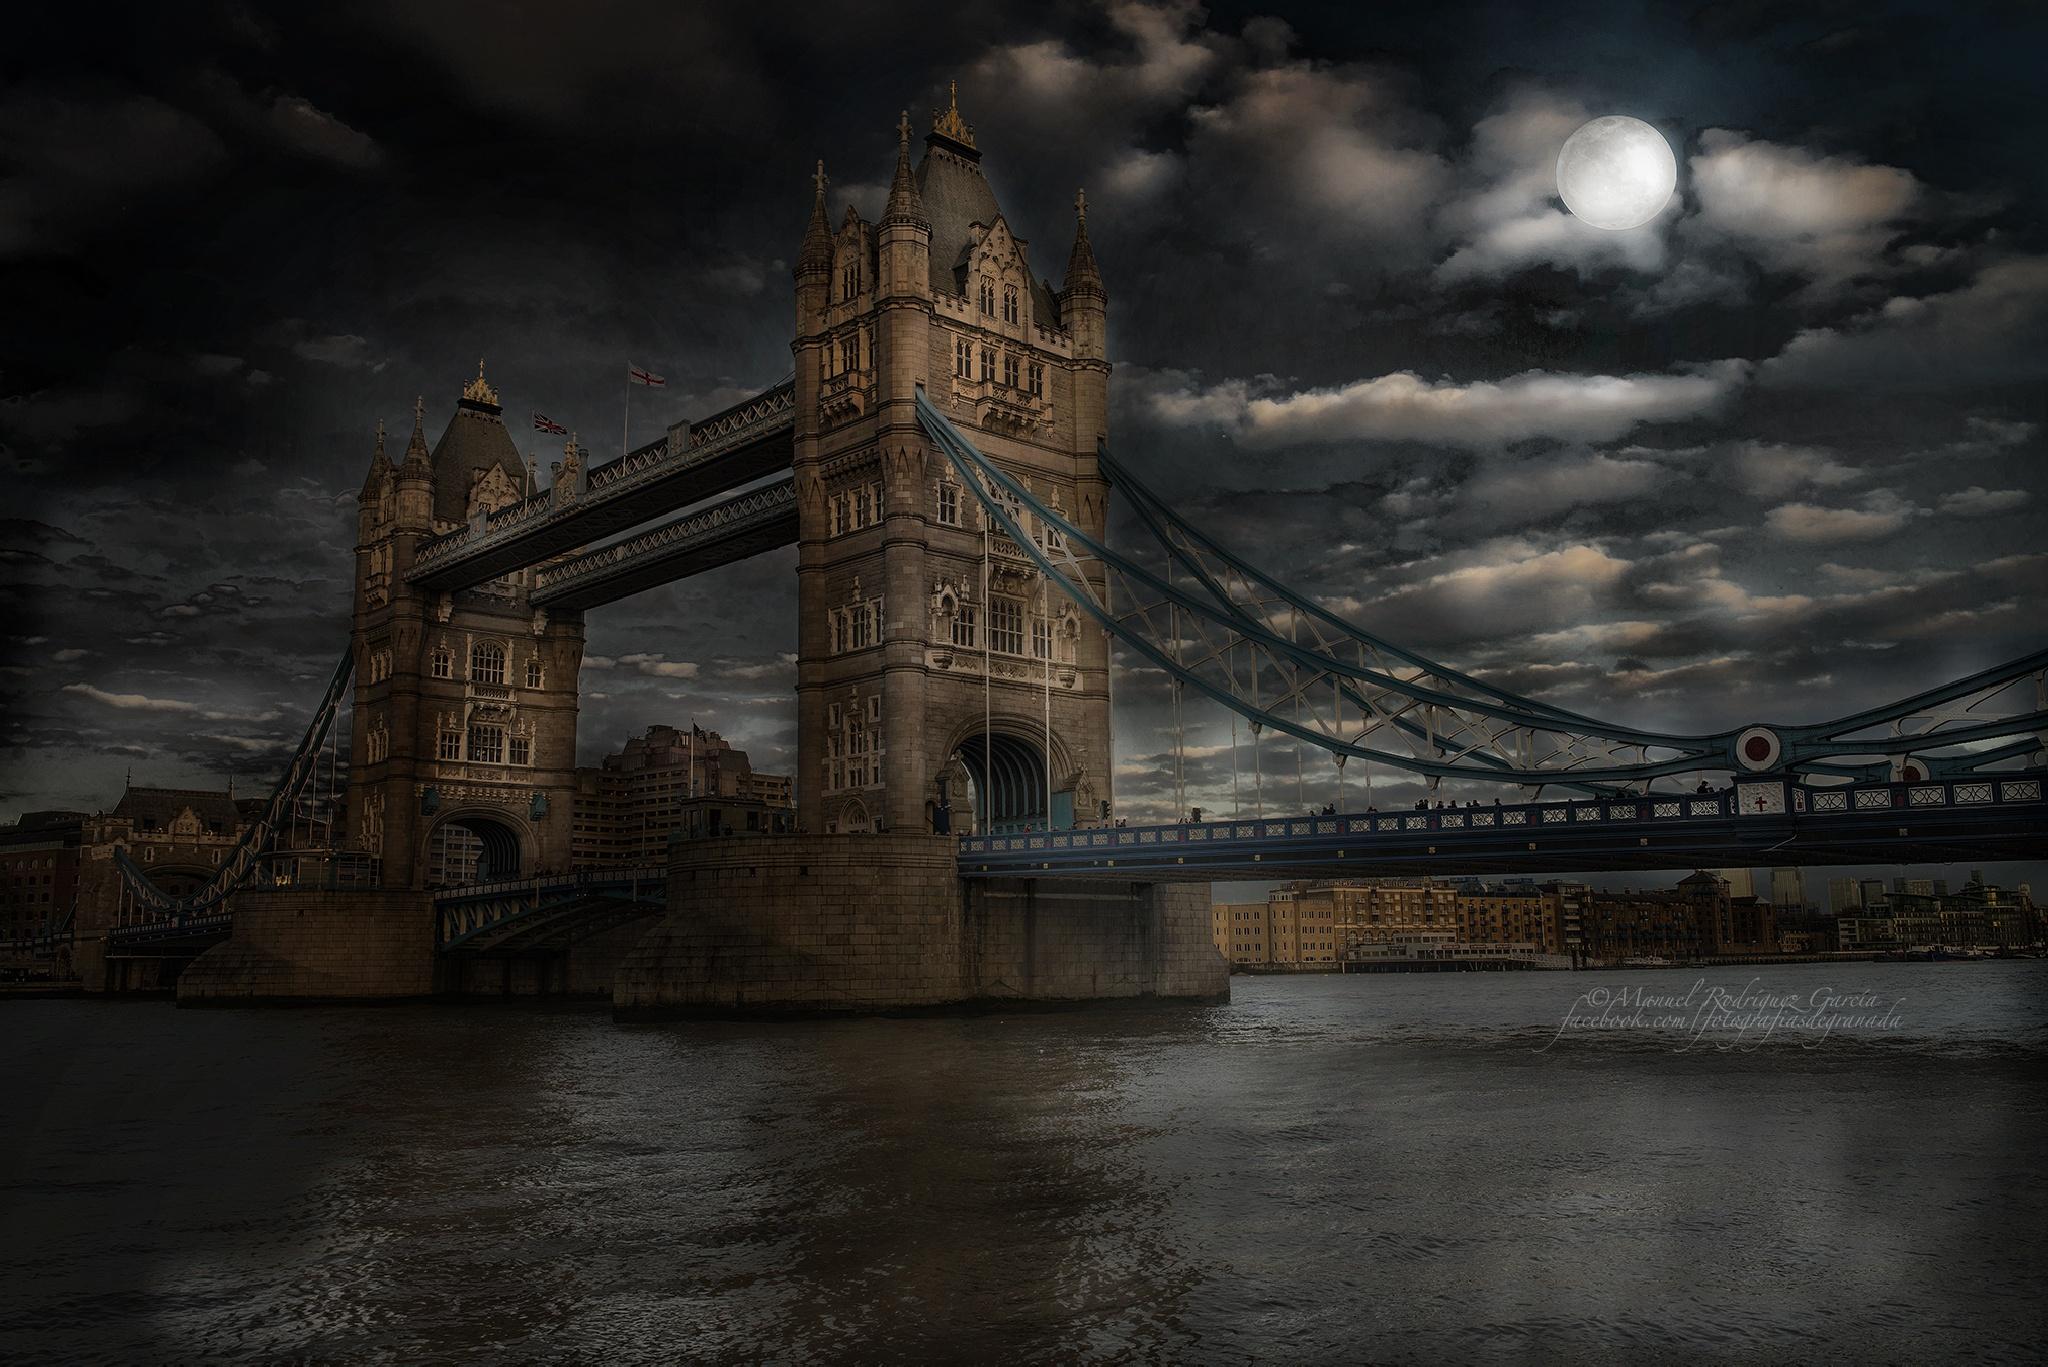 Puente de Londres by Manuel Rodríguez